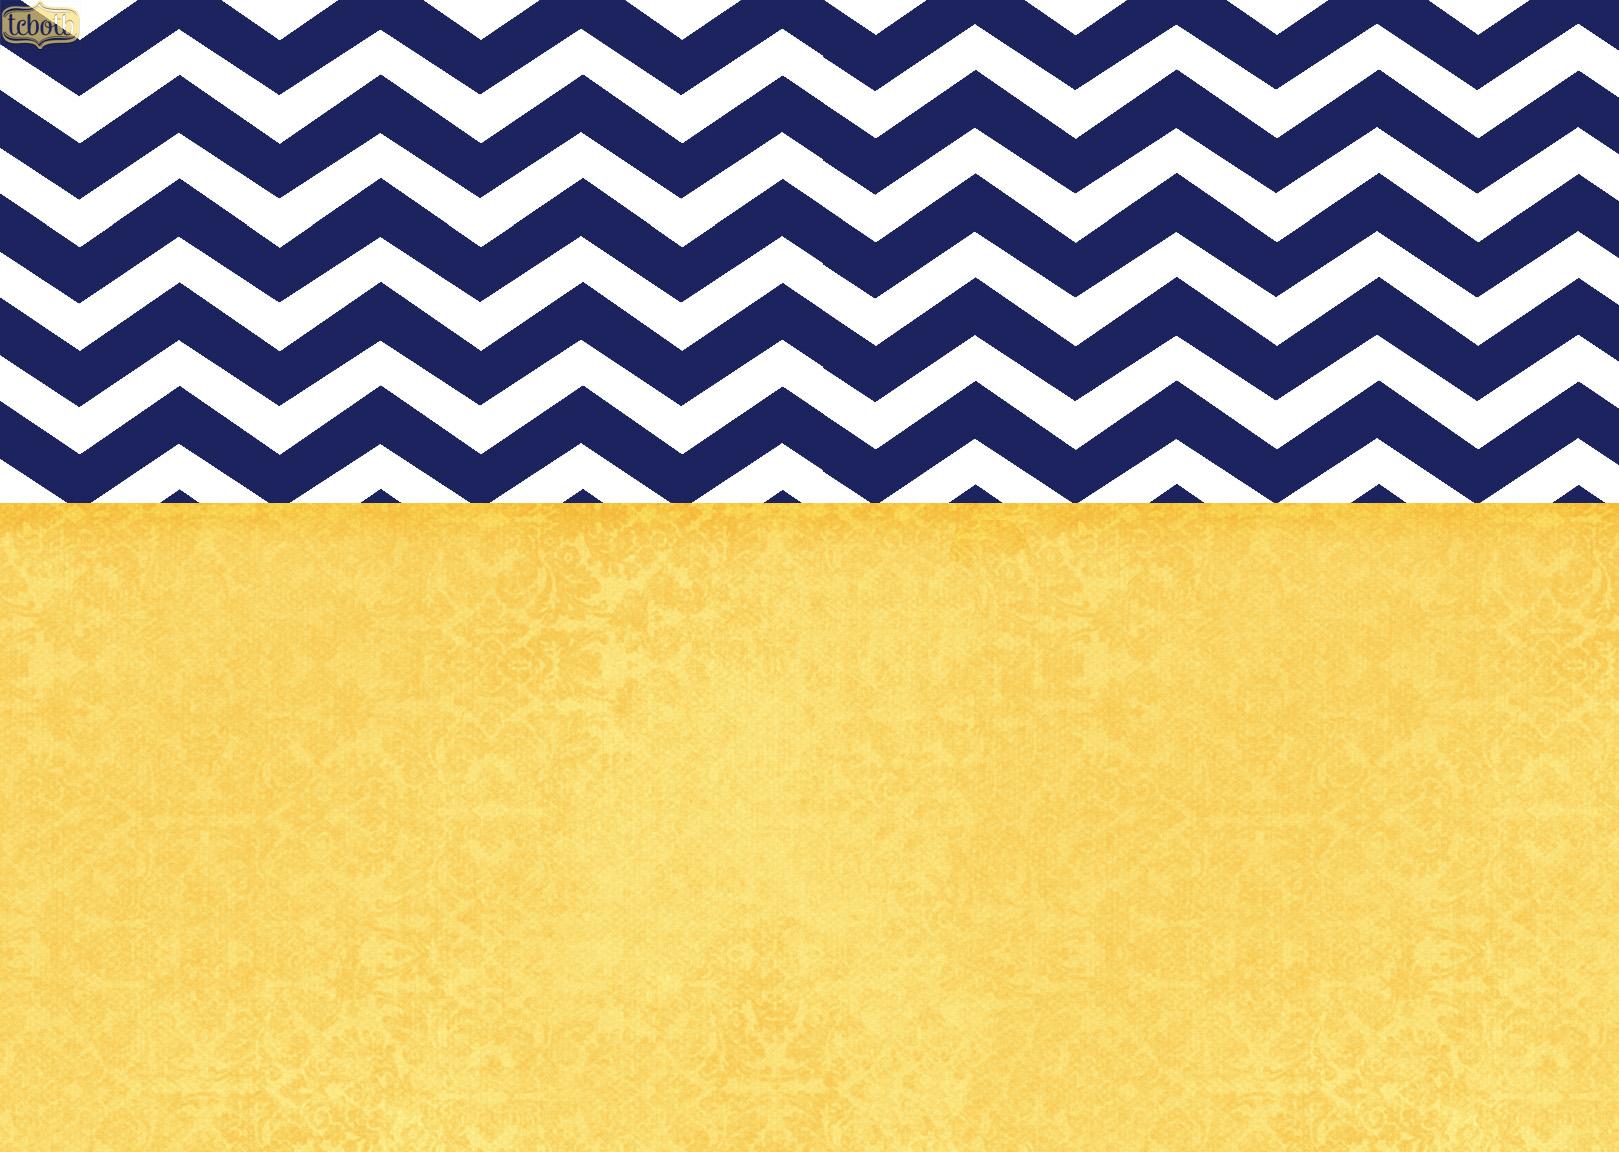 Cute Summer Backgrounds For Desktop Wallpaper Best Background 1619x1152